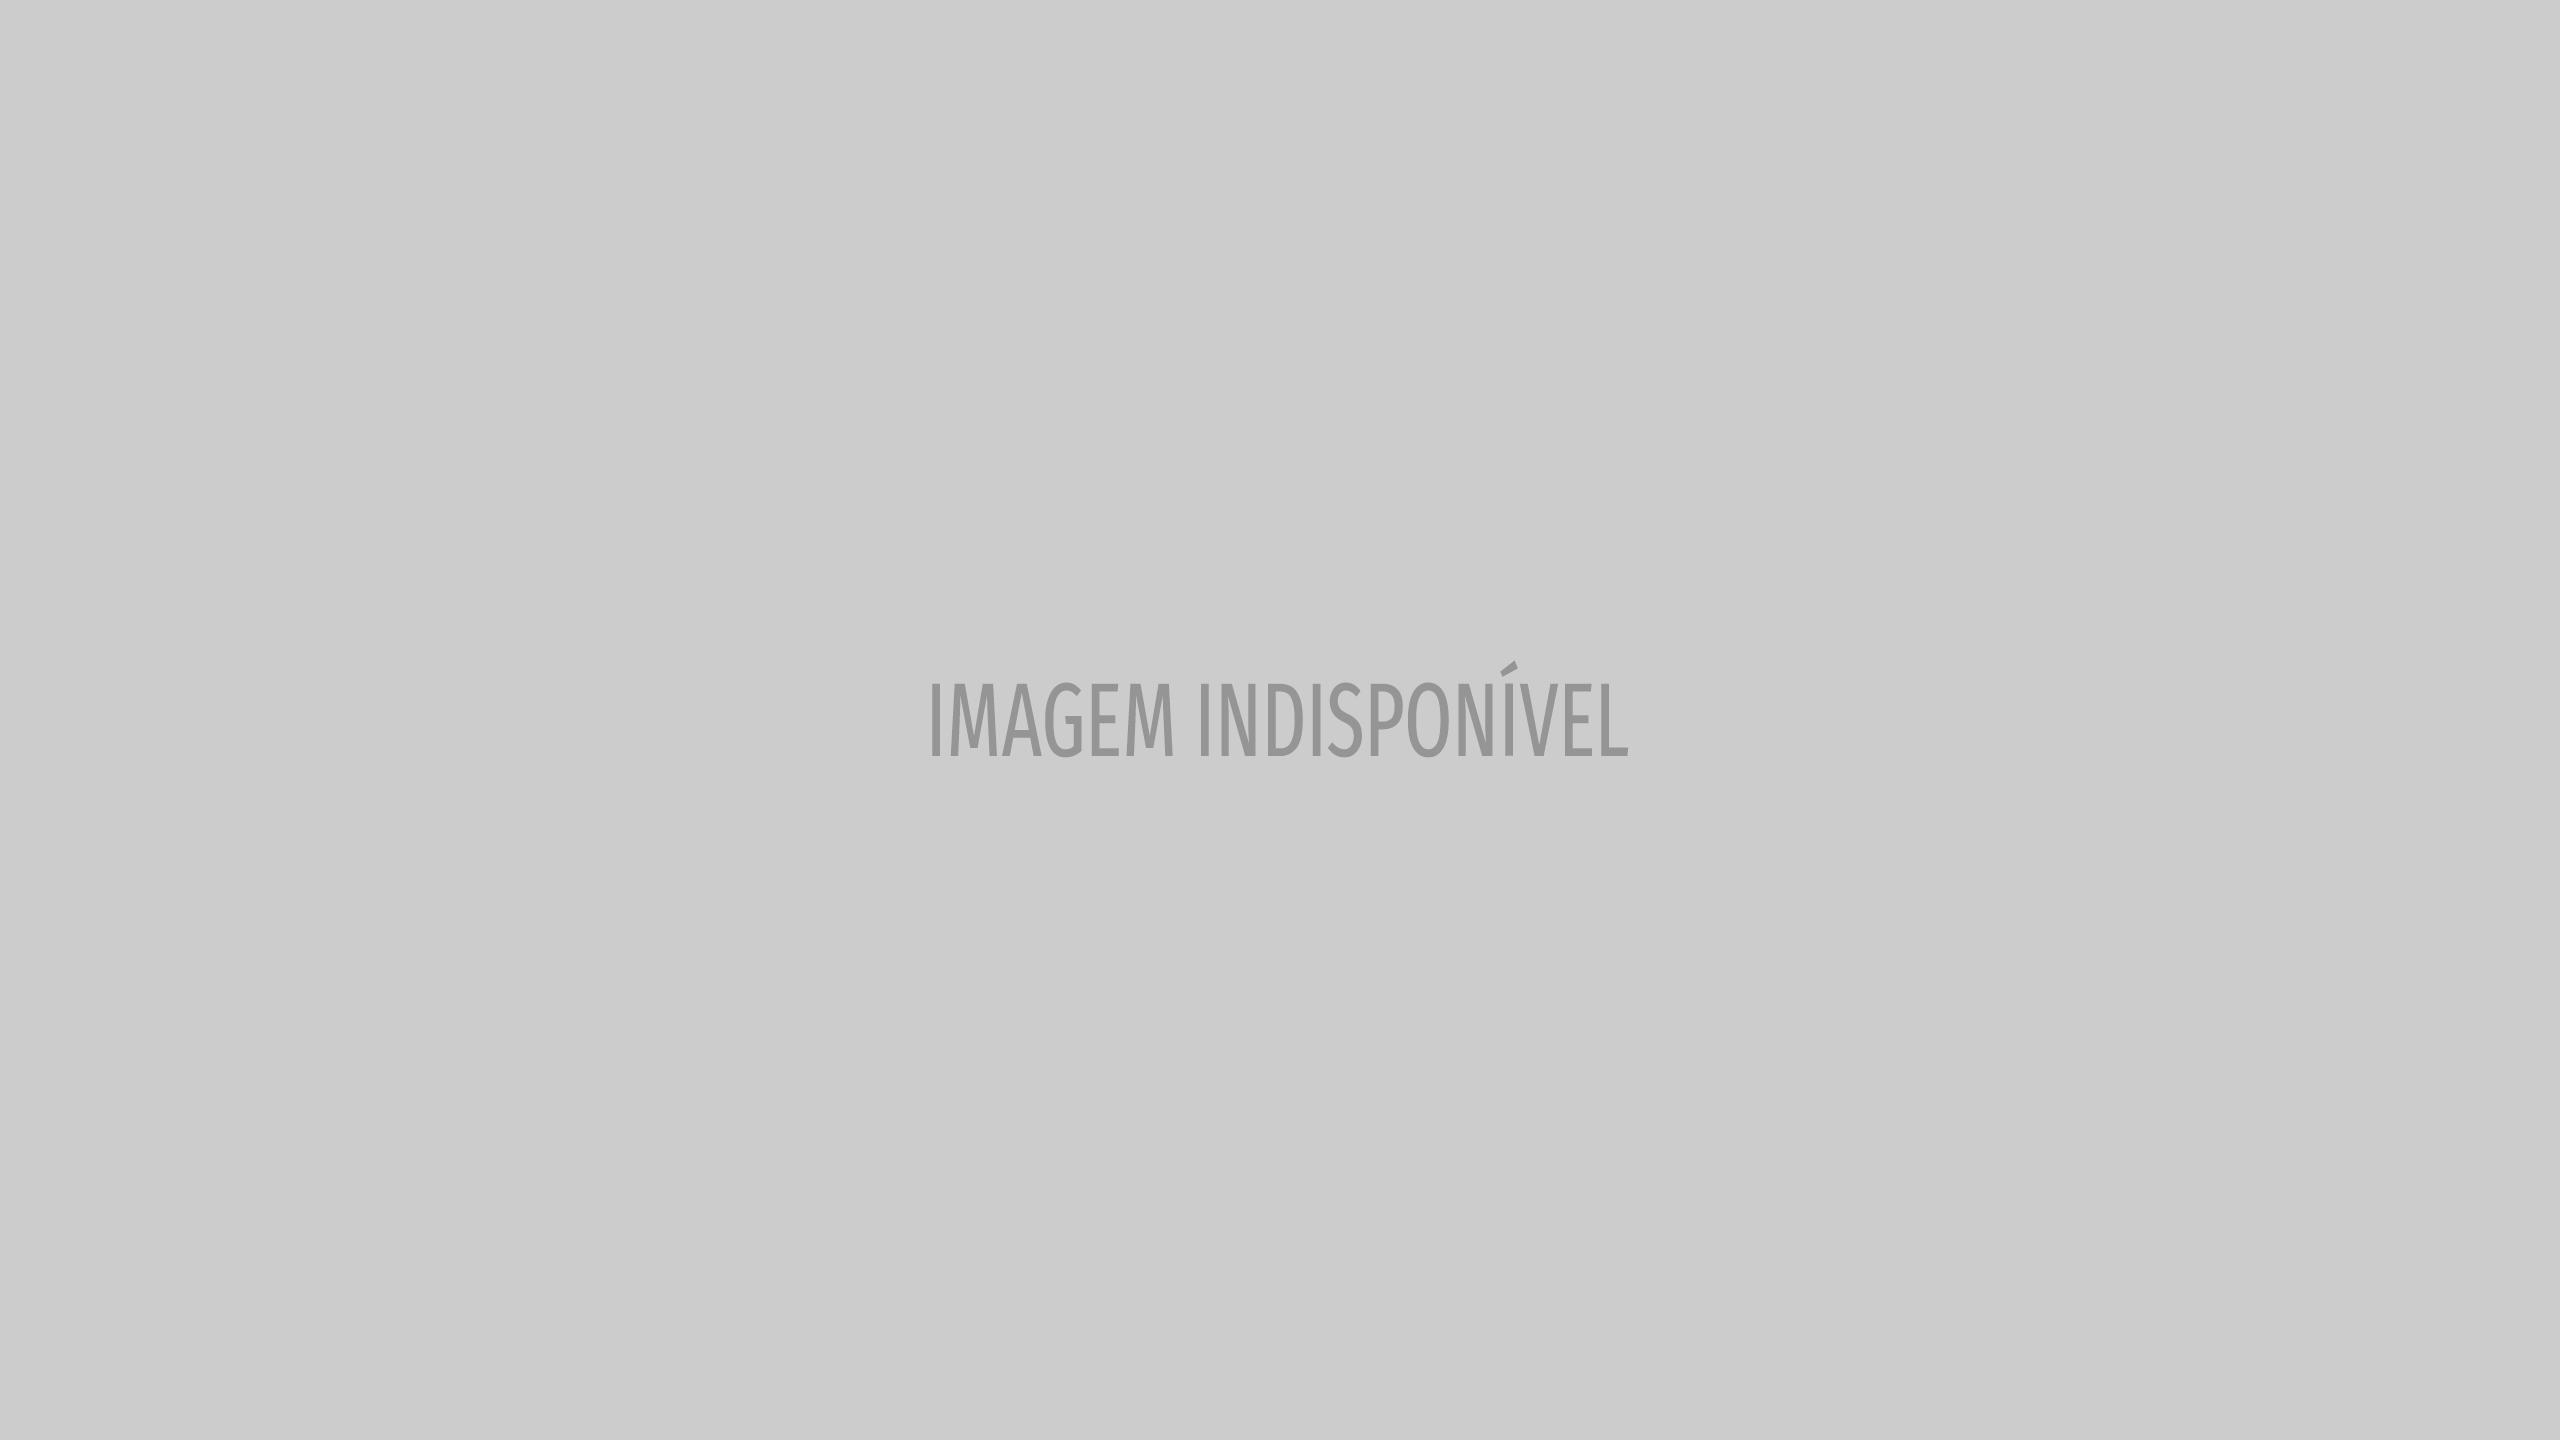 Hulk brasileiro descarta luta contra 'rival' iraniano: 'É assustador'